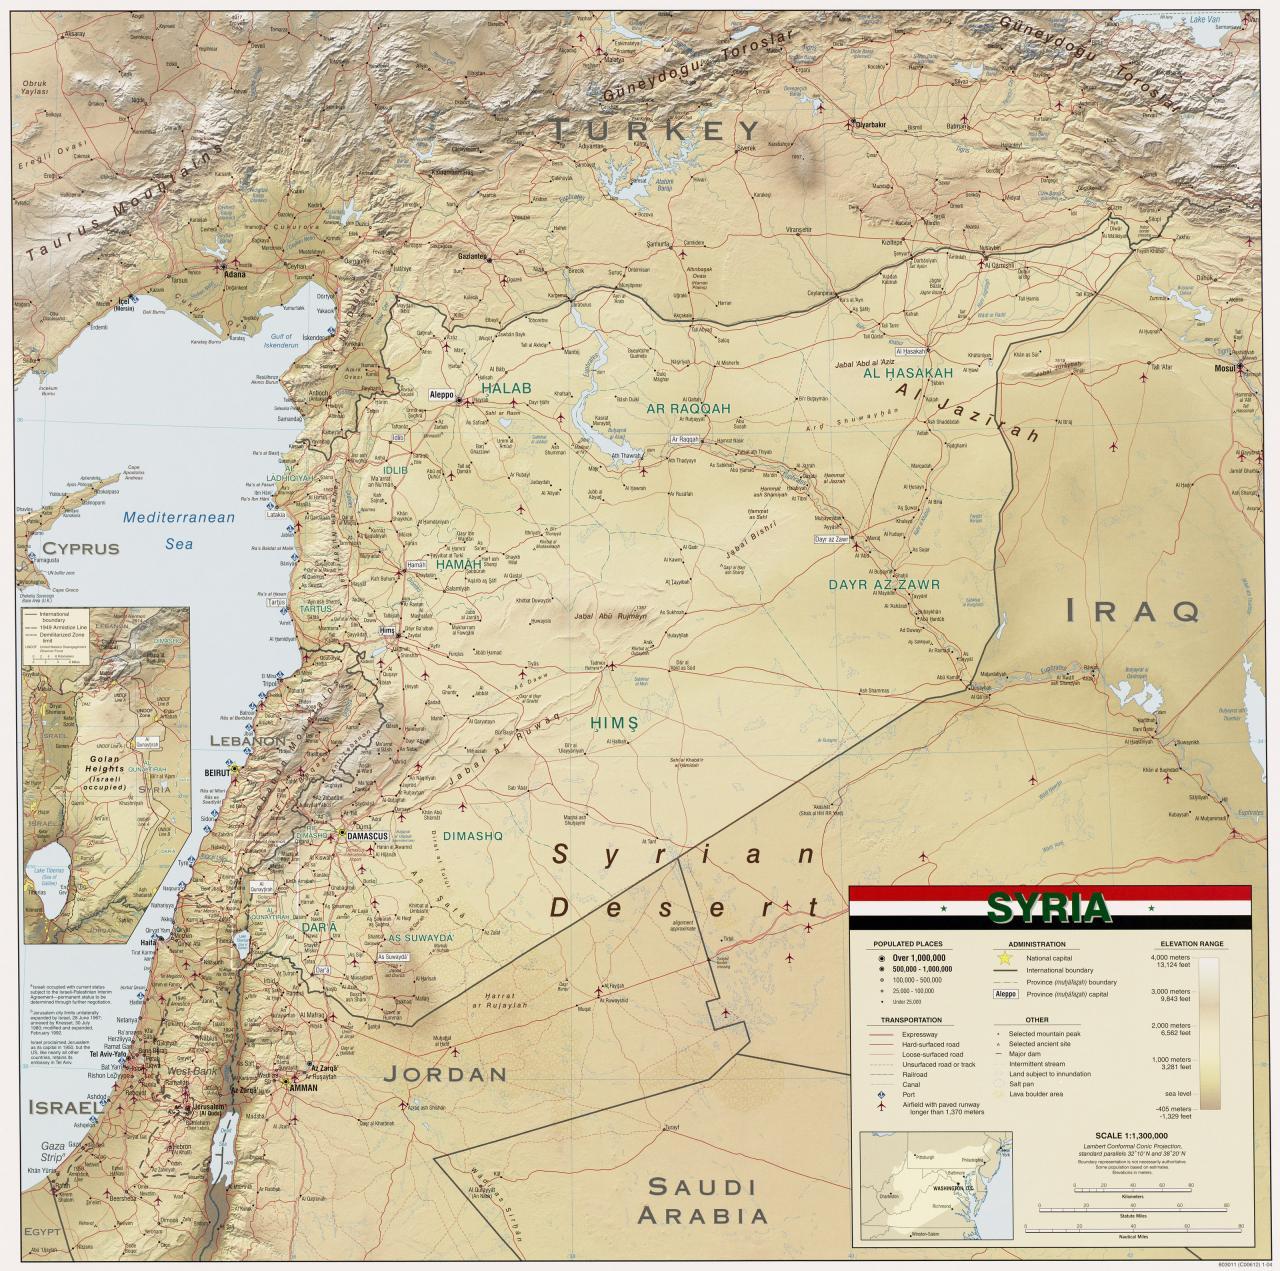 صورة خريطة سوريا التفصيلية , بلاد الشام القديمة ومهد الحضارات